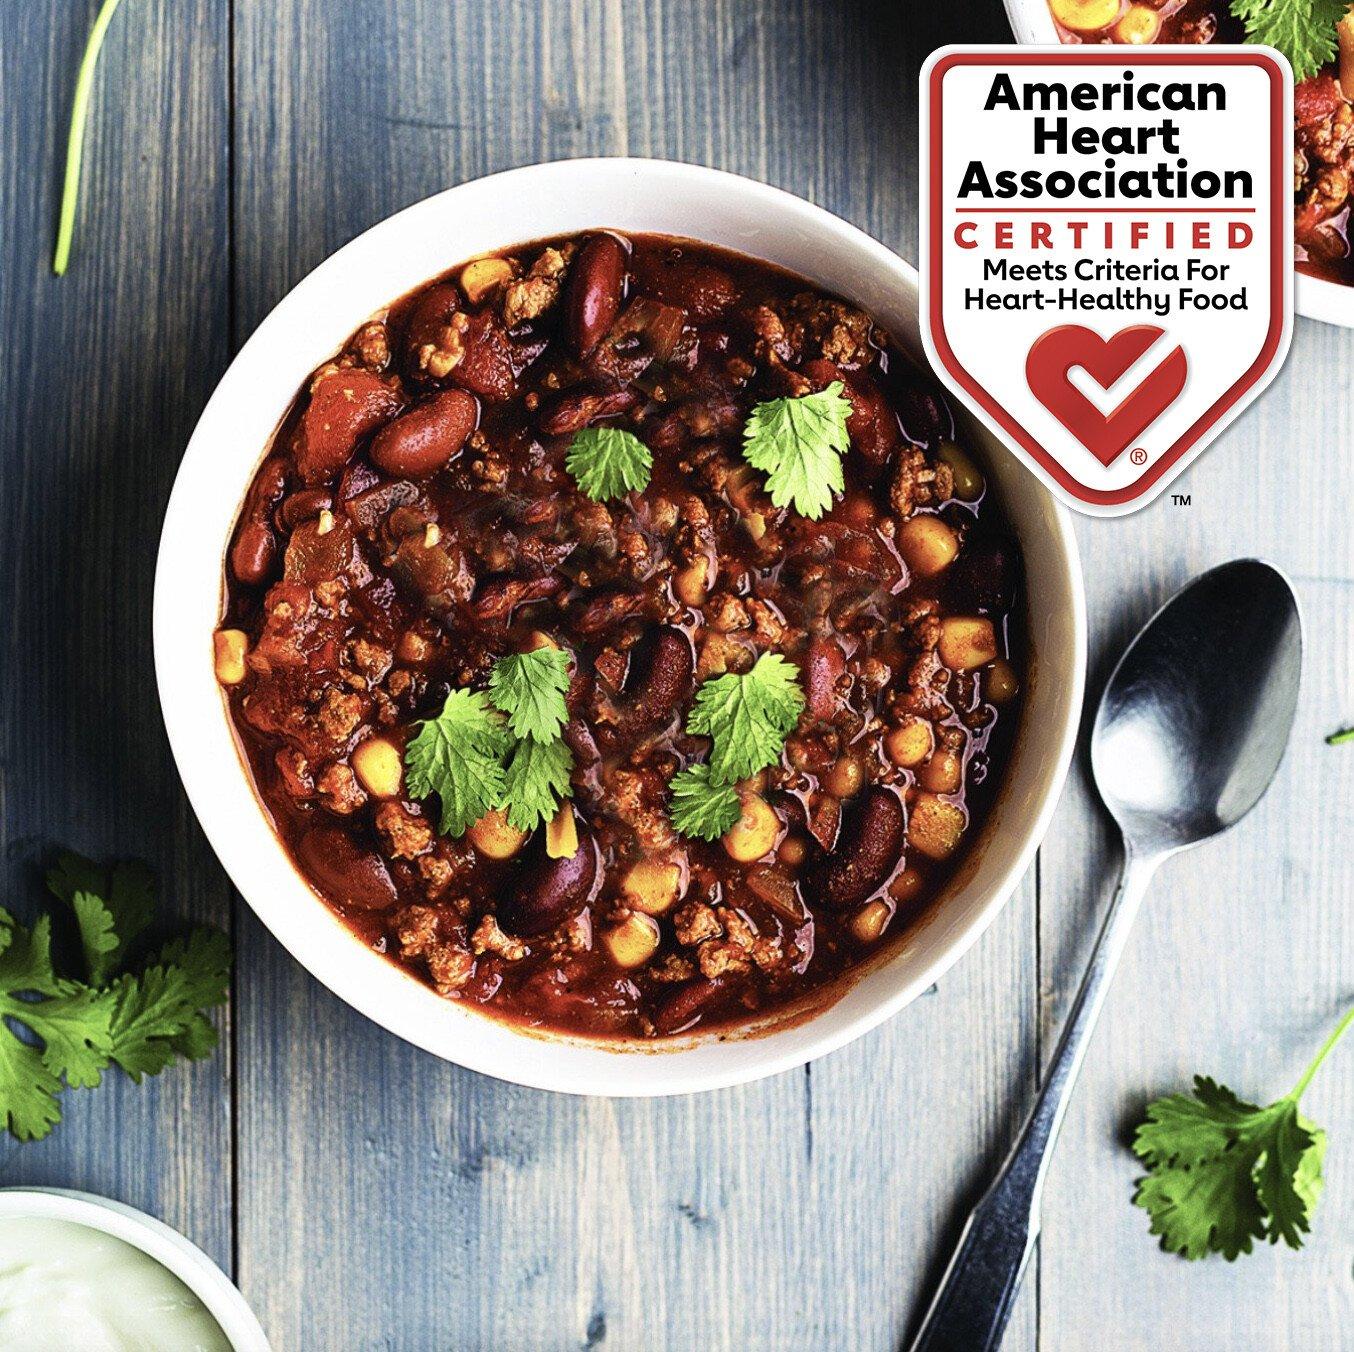 Heart-Healthy Chili